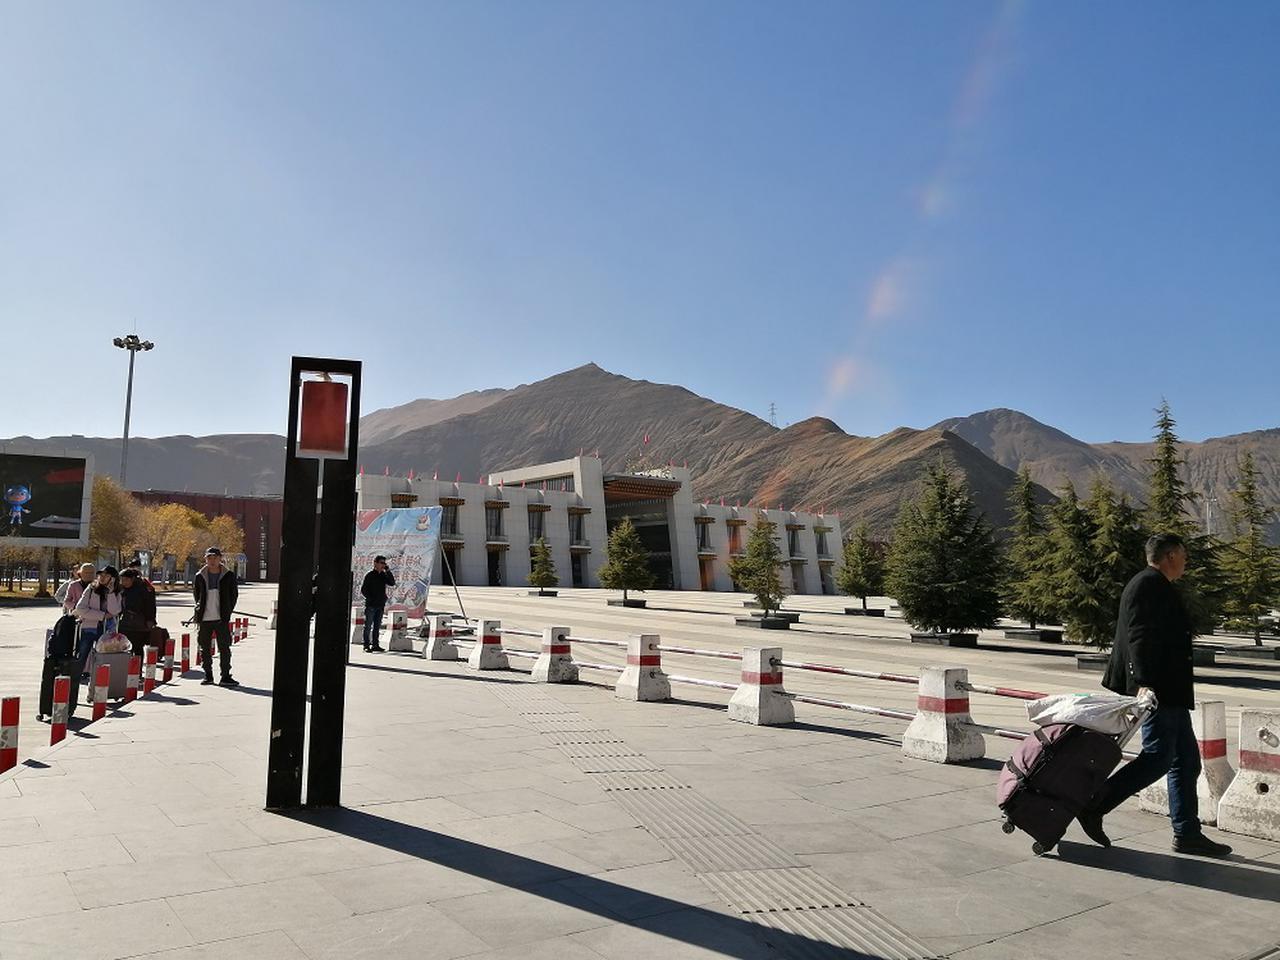 画像: ラサ駅。外国人はラサ駅到着後、駅横の事務所でチベット入境許可書とパスポートの確認がある。入境許可書はツアー団体で1枚、現地ガイドが所持している。